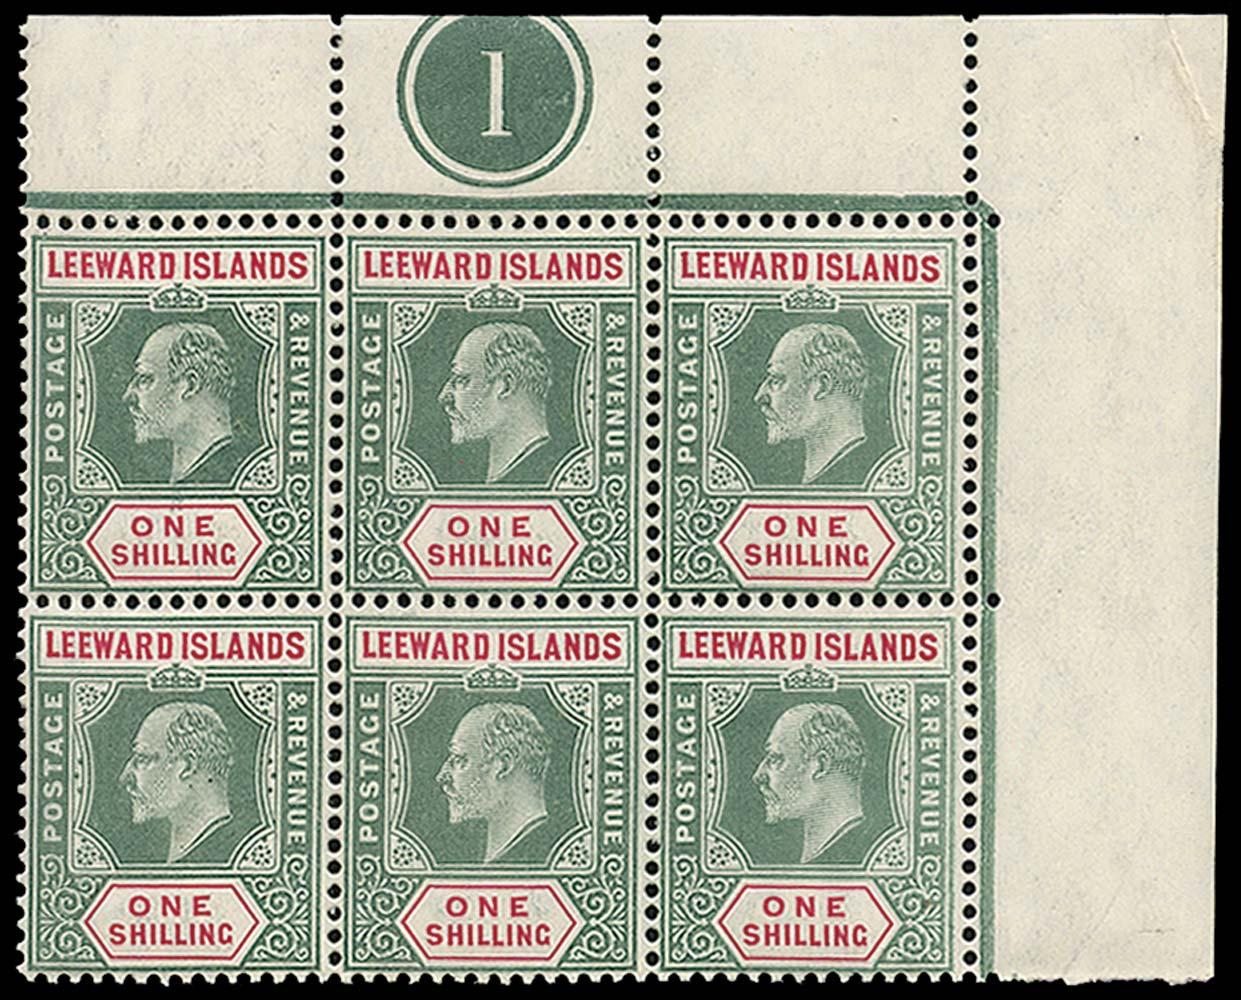 LEEWARD ISLANDS 1905  SG35 Mint